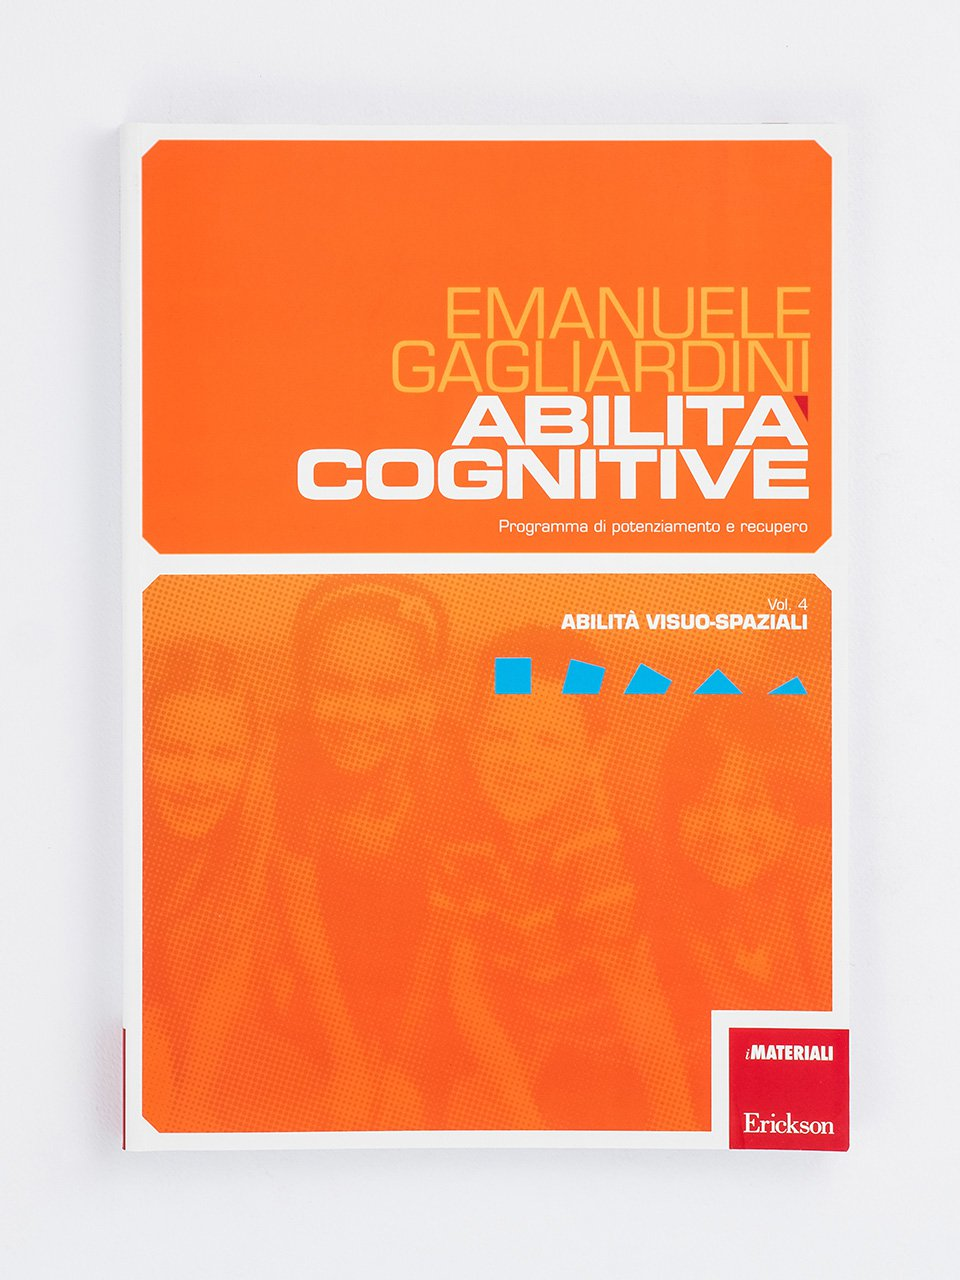 Abilità cognitive - Vol. 4: Abilità visuo-spaziali - RECUPERO IN... Abilità di scrittura 2 - Libri - App e software - Erickson